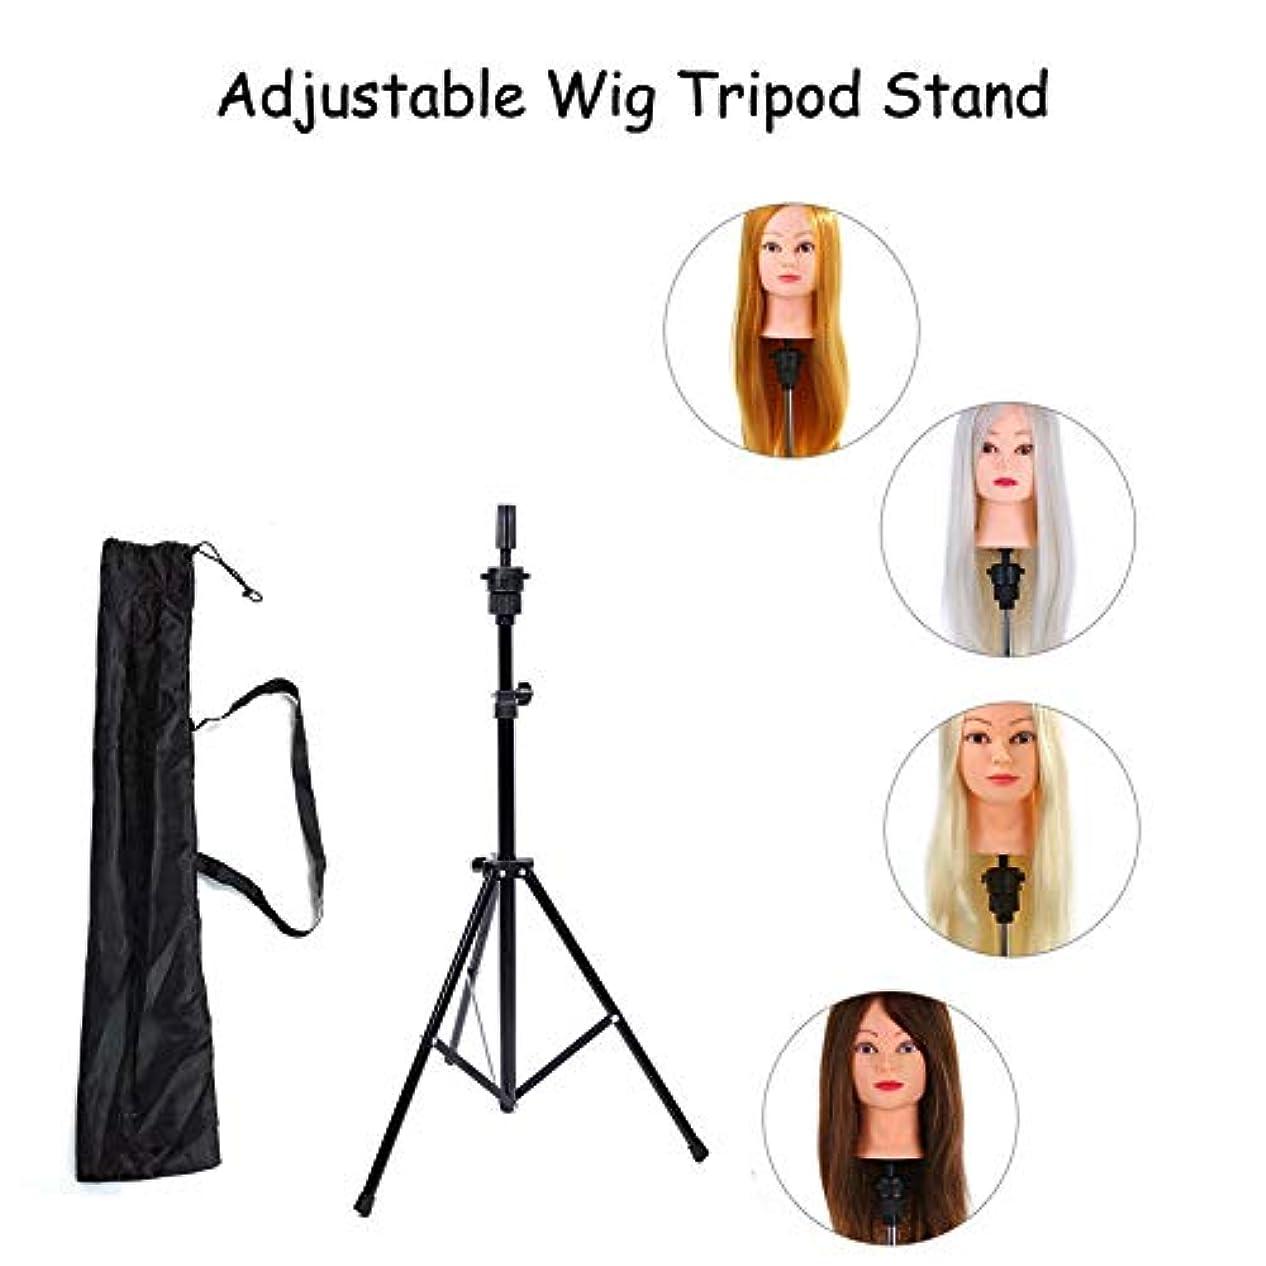 ズームインするストレージ遺体安置所マネキンウィッグヘッド三脚スタンド調節可能な美容トレーニング人形ヘッドホルダー用理髪かつらスタンド付きキャリーバッグ